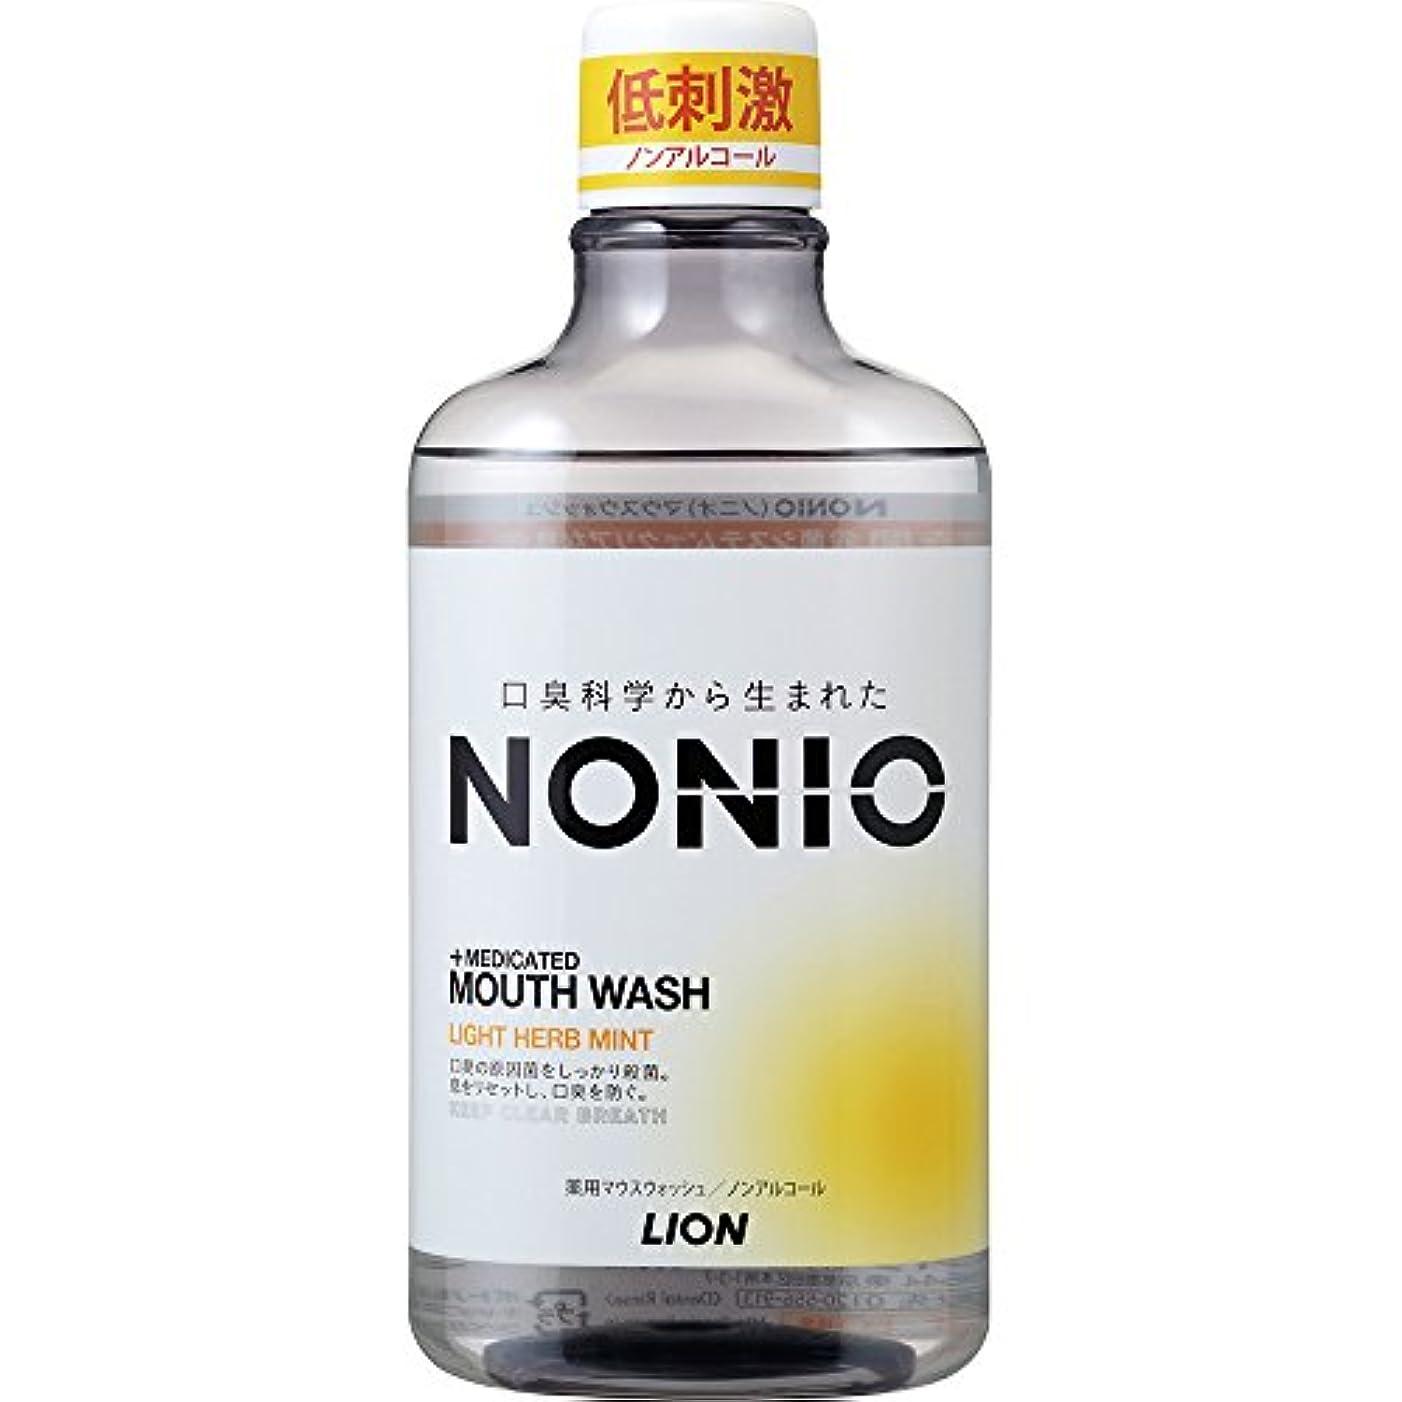 悪行エンゲージメント実施する[医薬部外品]NONIO マウスウォッシュ ノンアルコール ライトハーブミント 600ml 洗口液